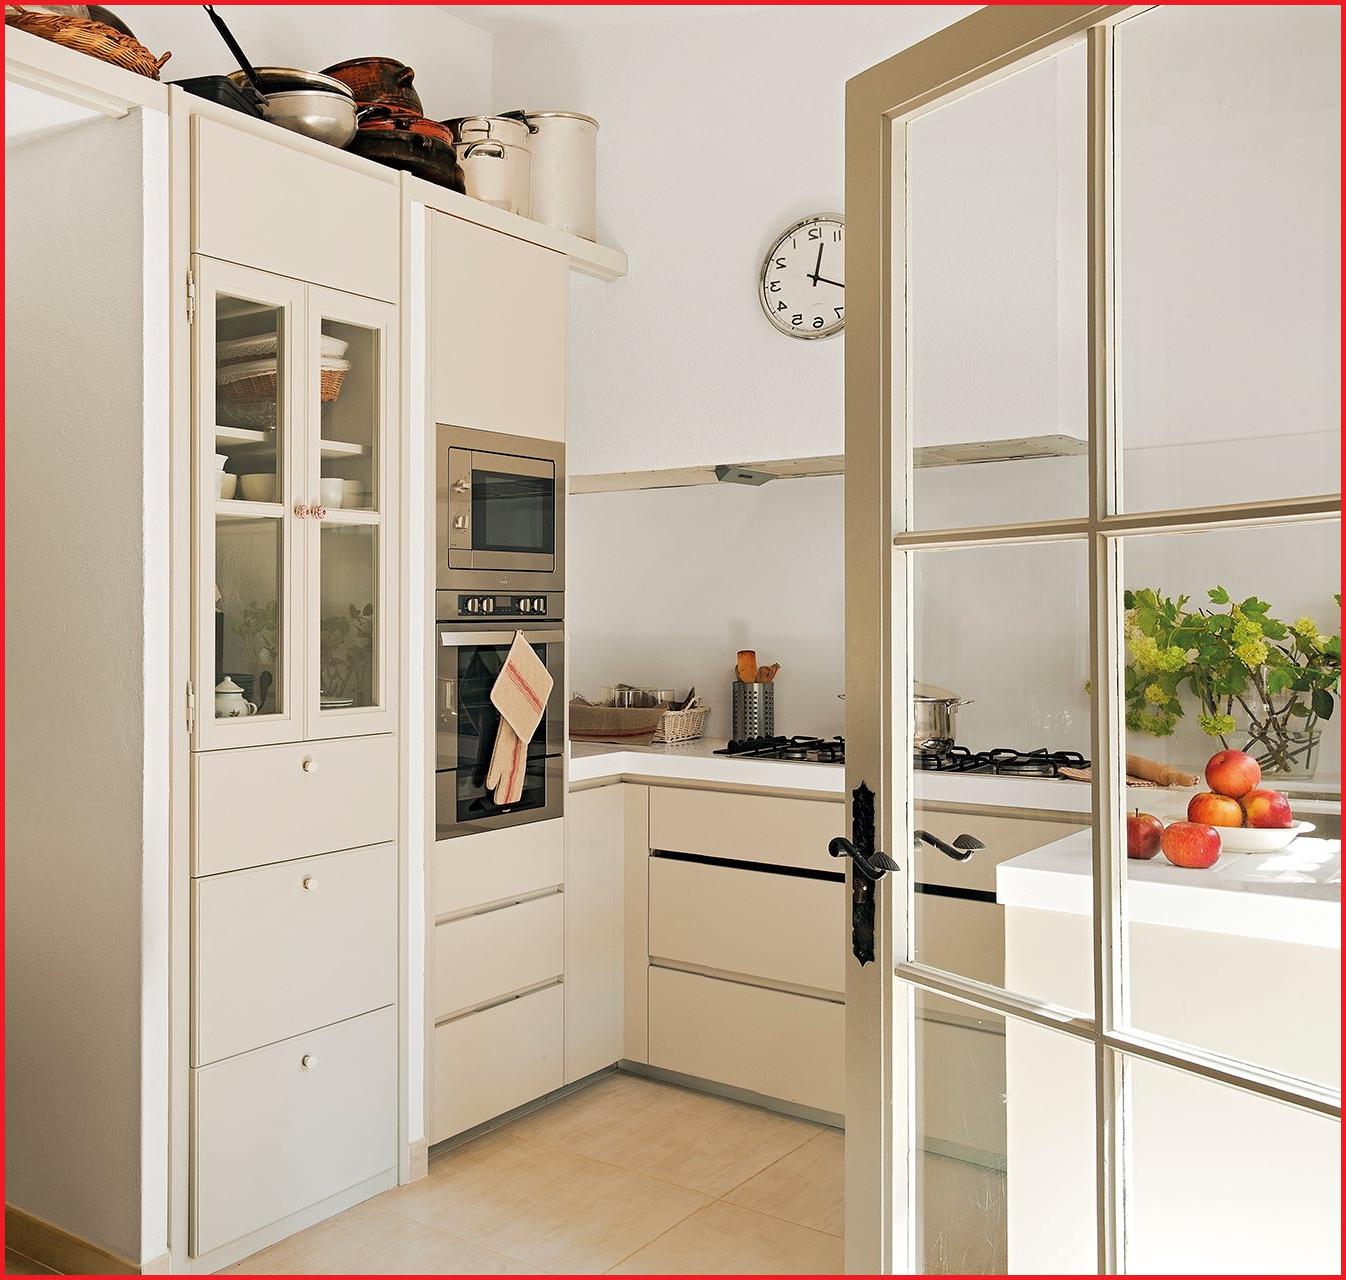 Muebles Cocina Fondo Reducido Drdp Mueble Columna Cocina Linda Muebles De Cocina Fondo Reducido